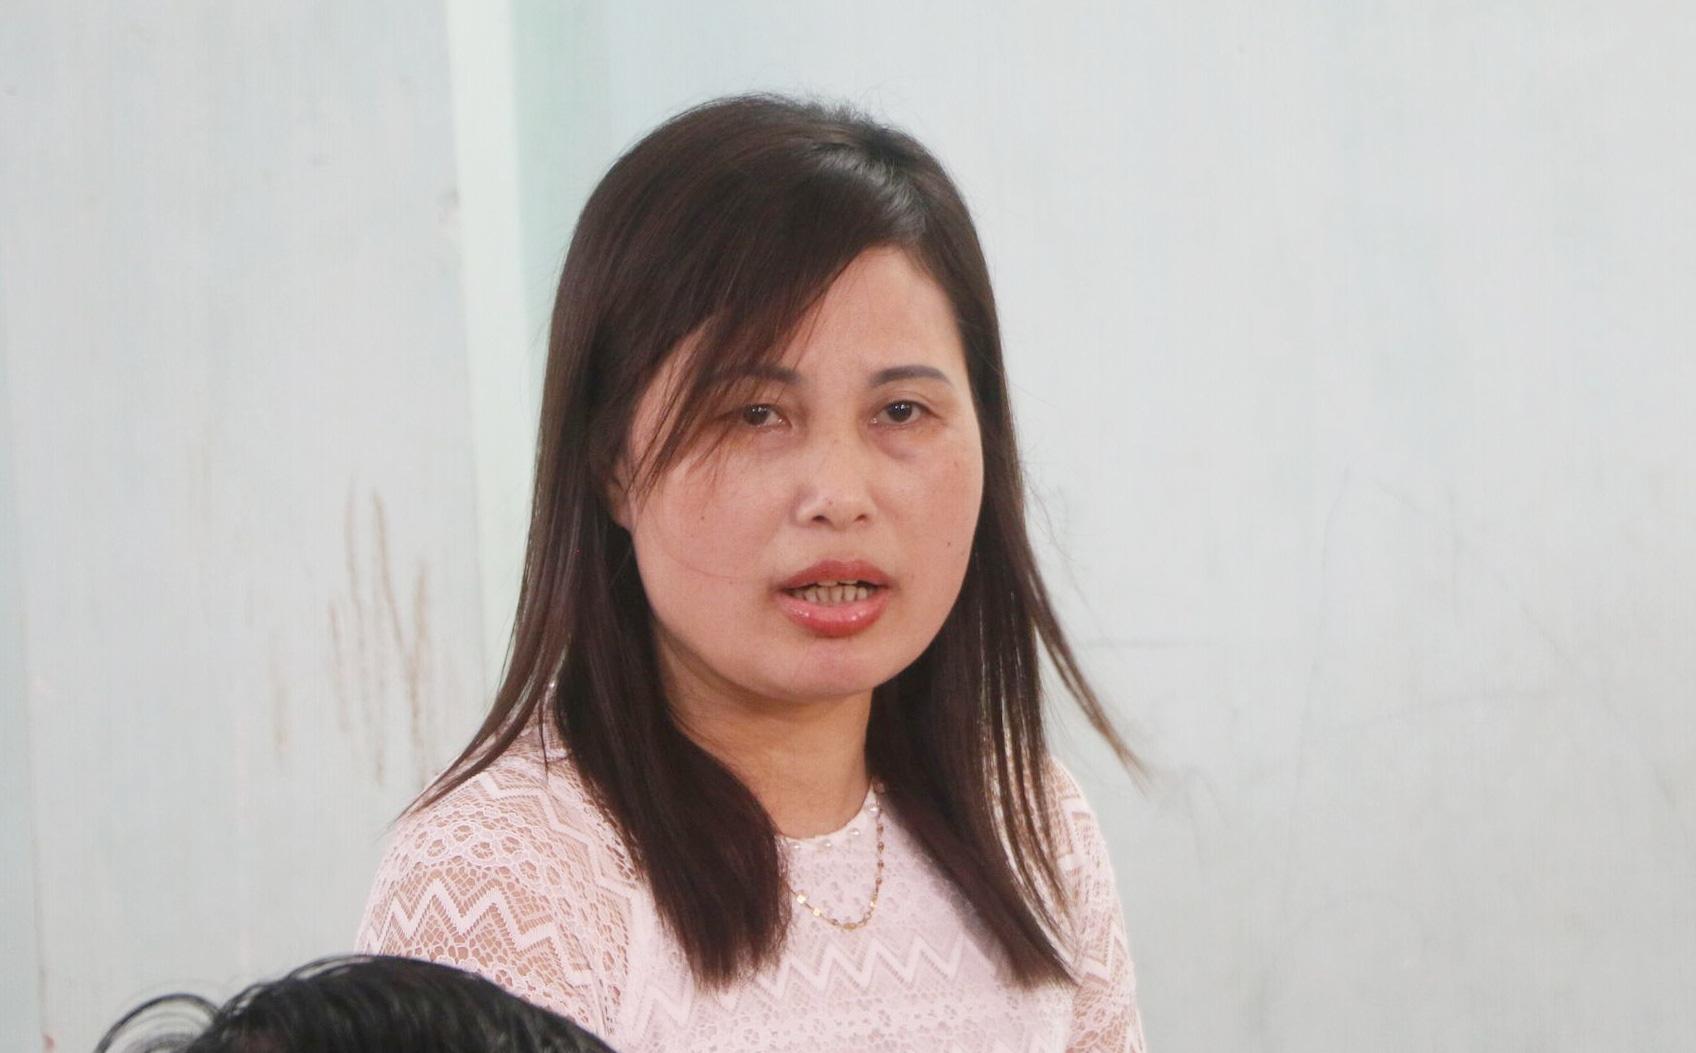 """Vụ cô giáo tố bị """"trù dập"""" ở Hà Nội: Người thân, phụ huynh học sinh nói gì về cô Tuất?"""